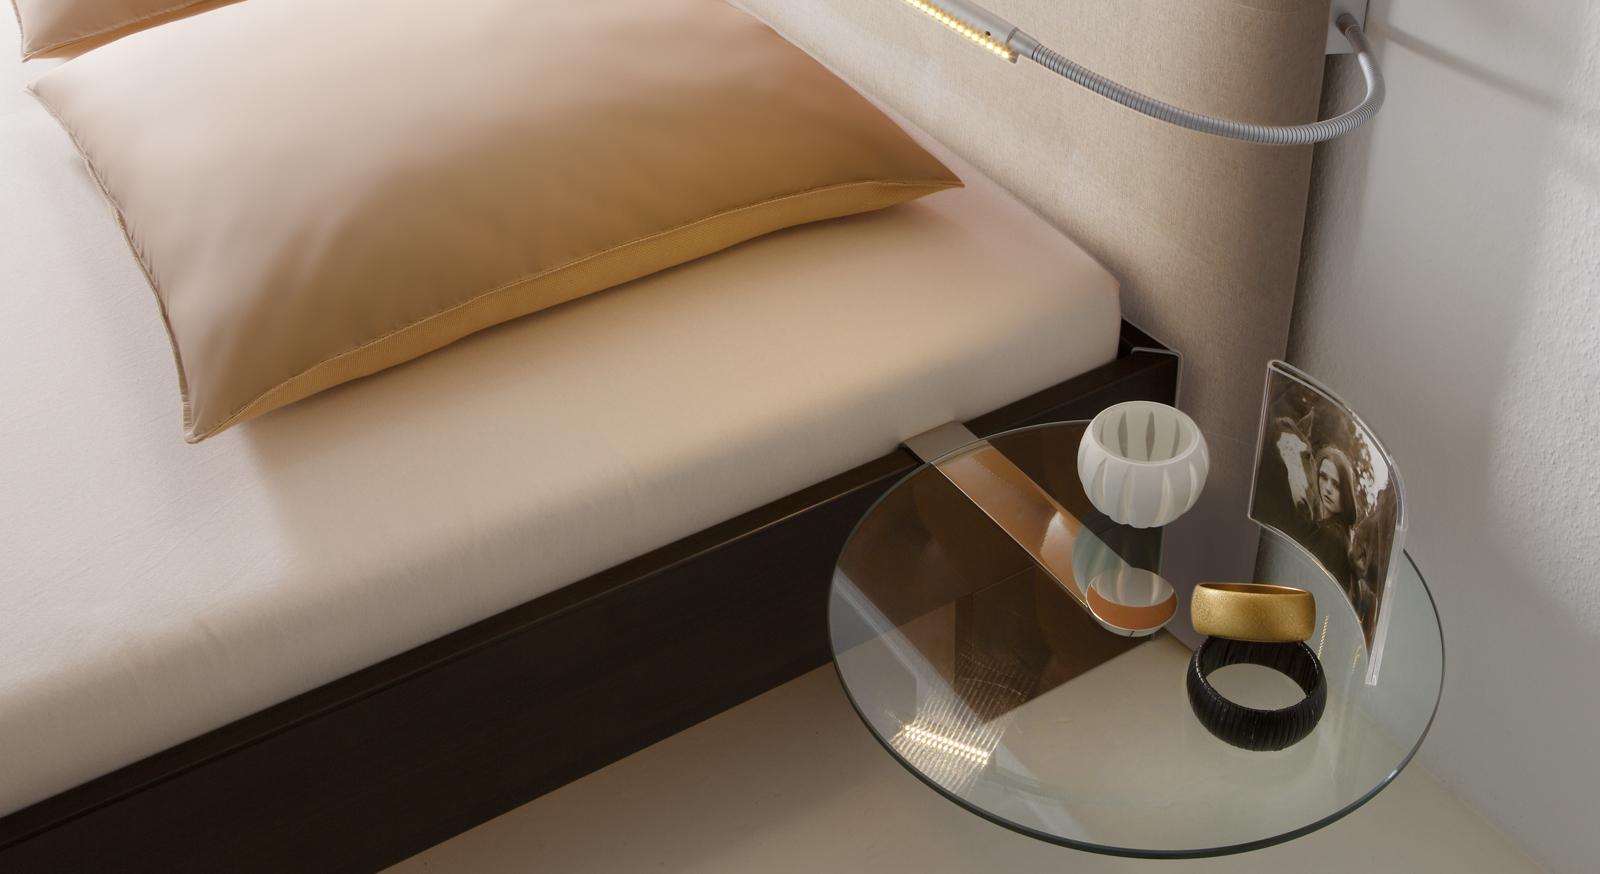 schlafzimmer f r studenten einrichten gestalten informiert. Black Bedroom Furniture Sets. Home Design Ideas